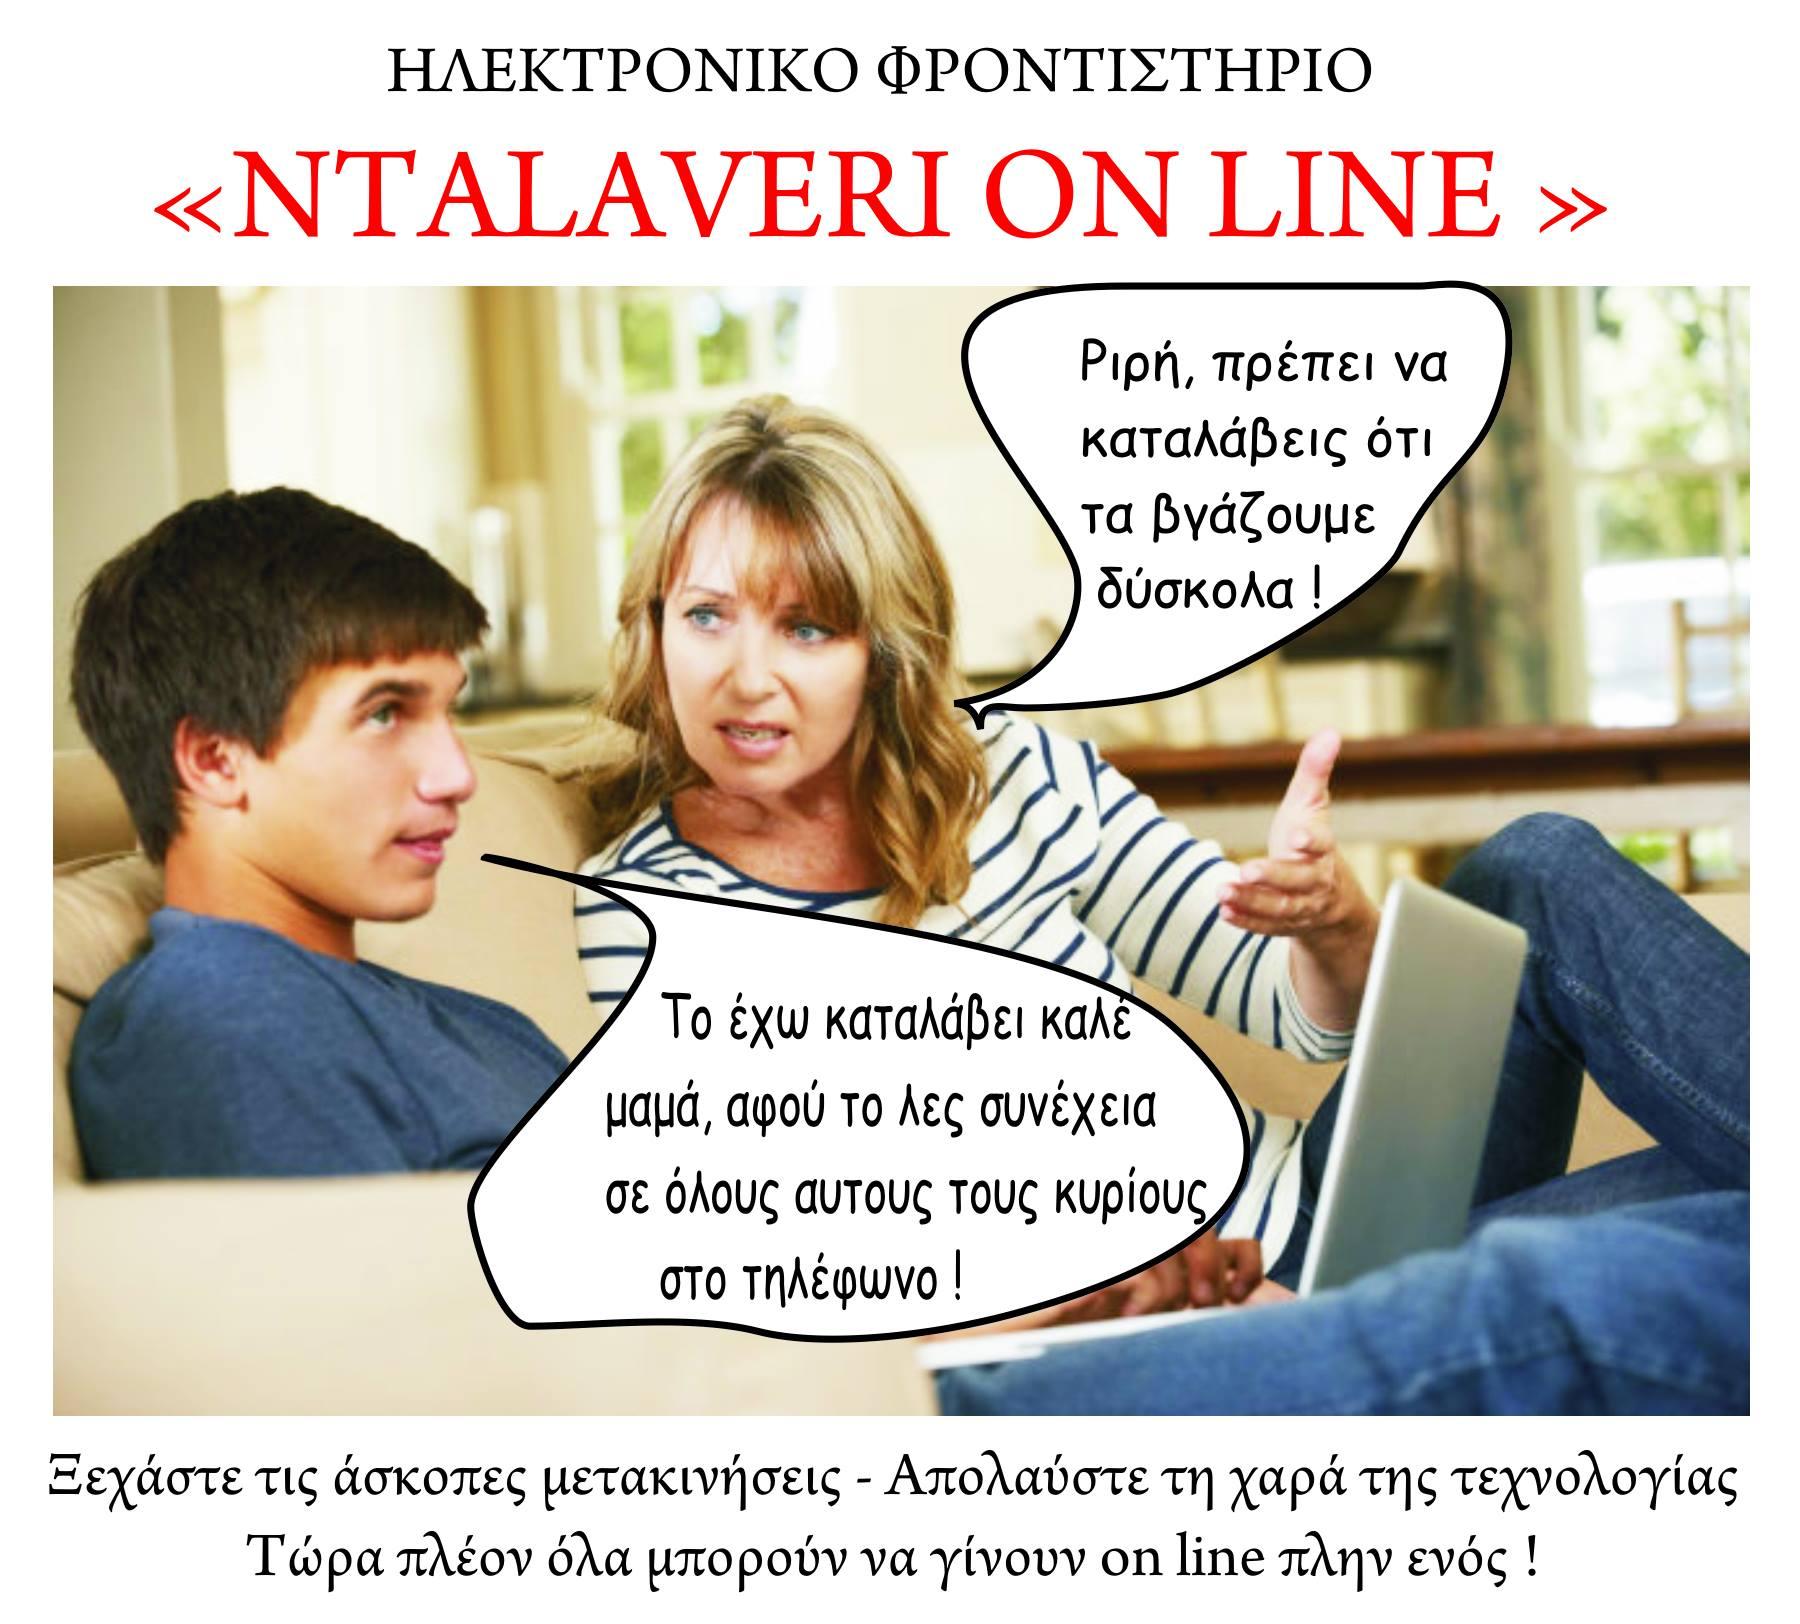 Ηλεκτρονικό φροντιστήριο «DALAVERI ON LINE»